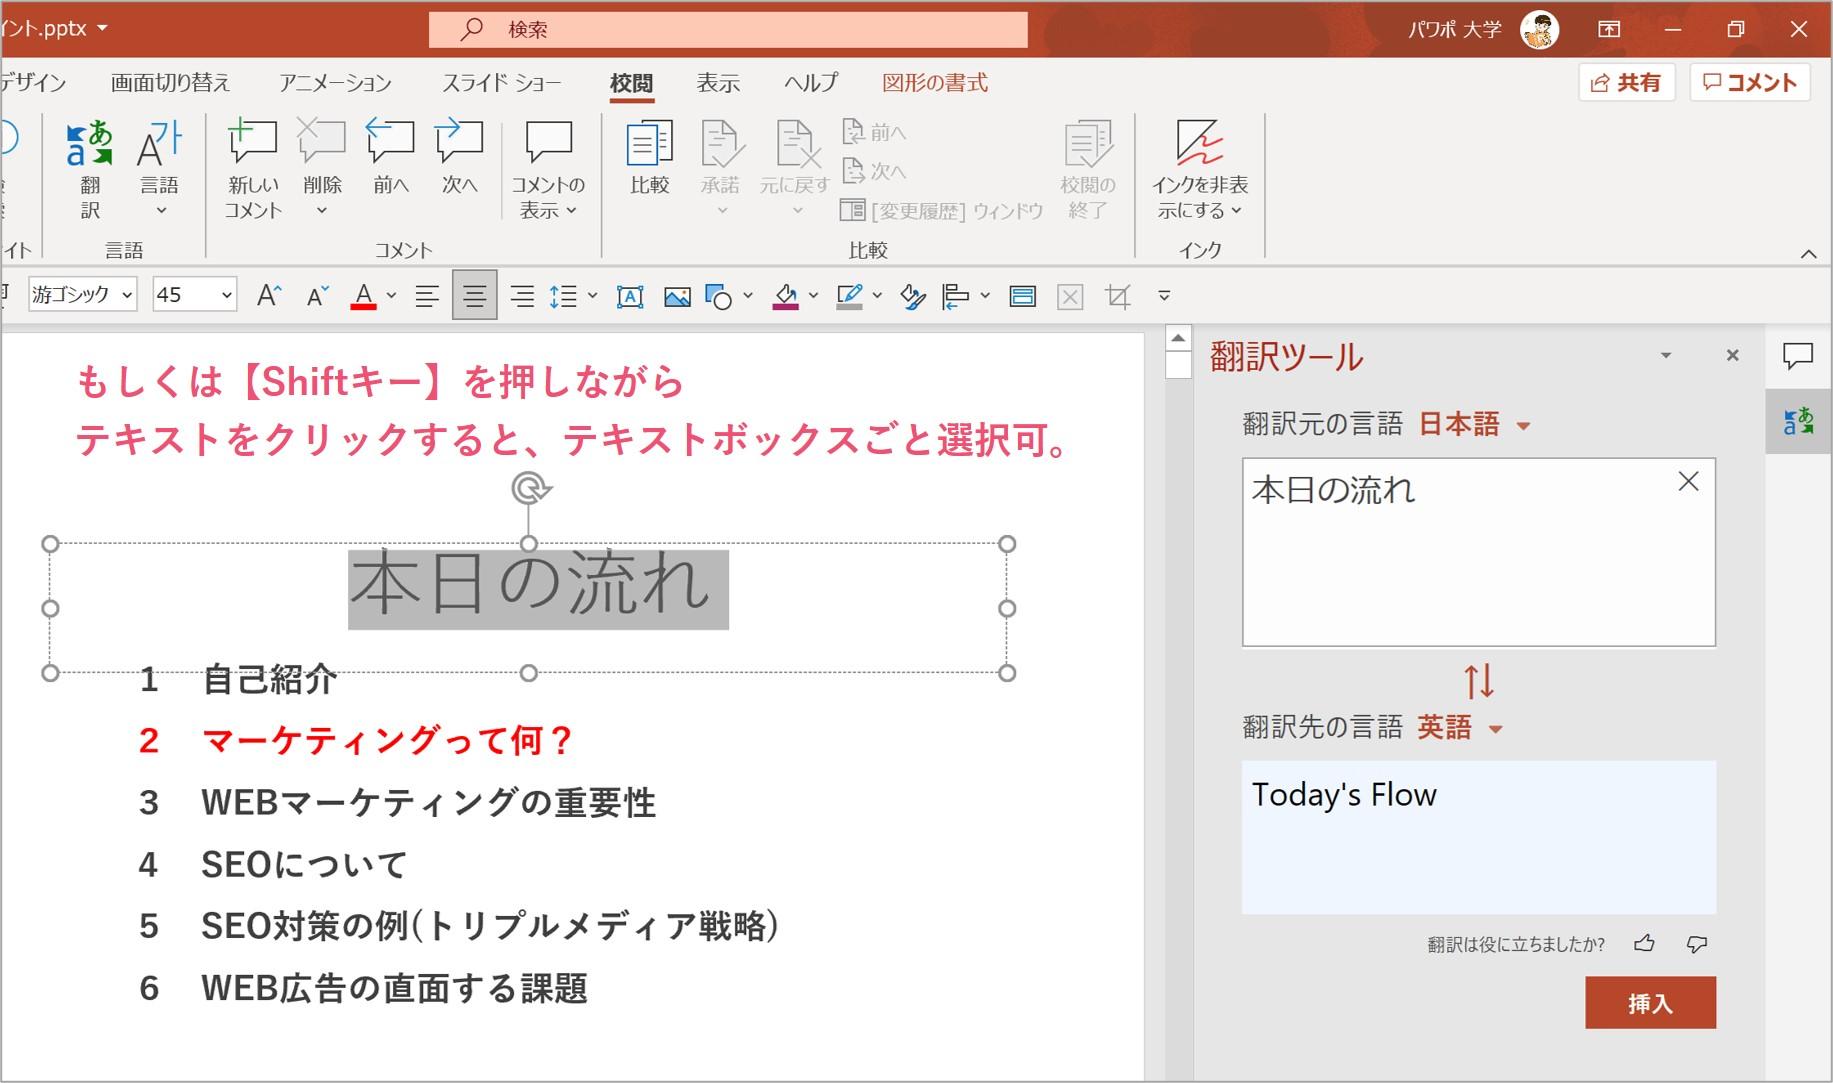 テキストボックス、もしくは文字を選択すると翻訳ができる